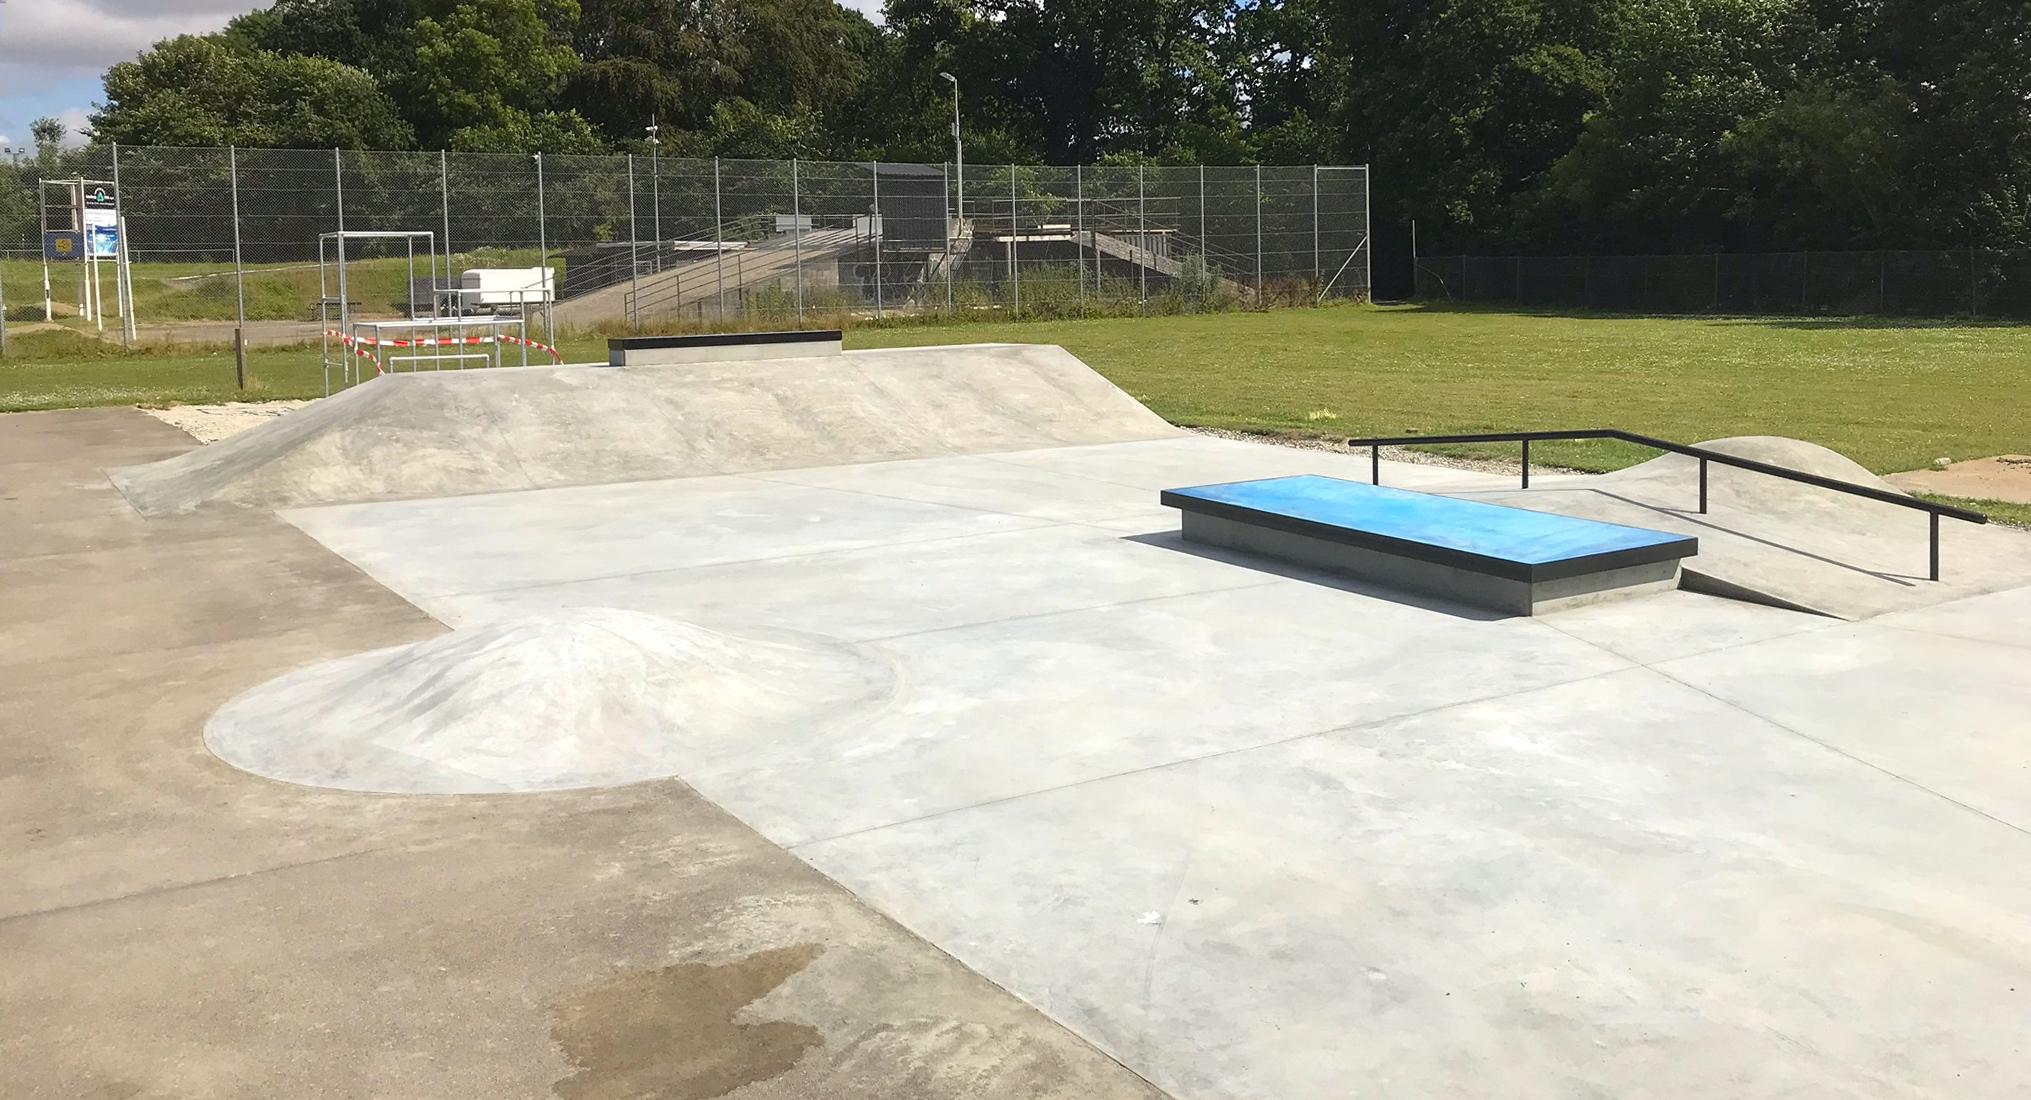 Til venstre ses en lille boble i beton. Til højre ses en curb med blå belægning på toppen